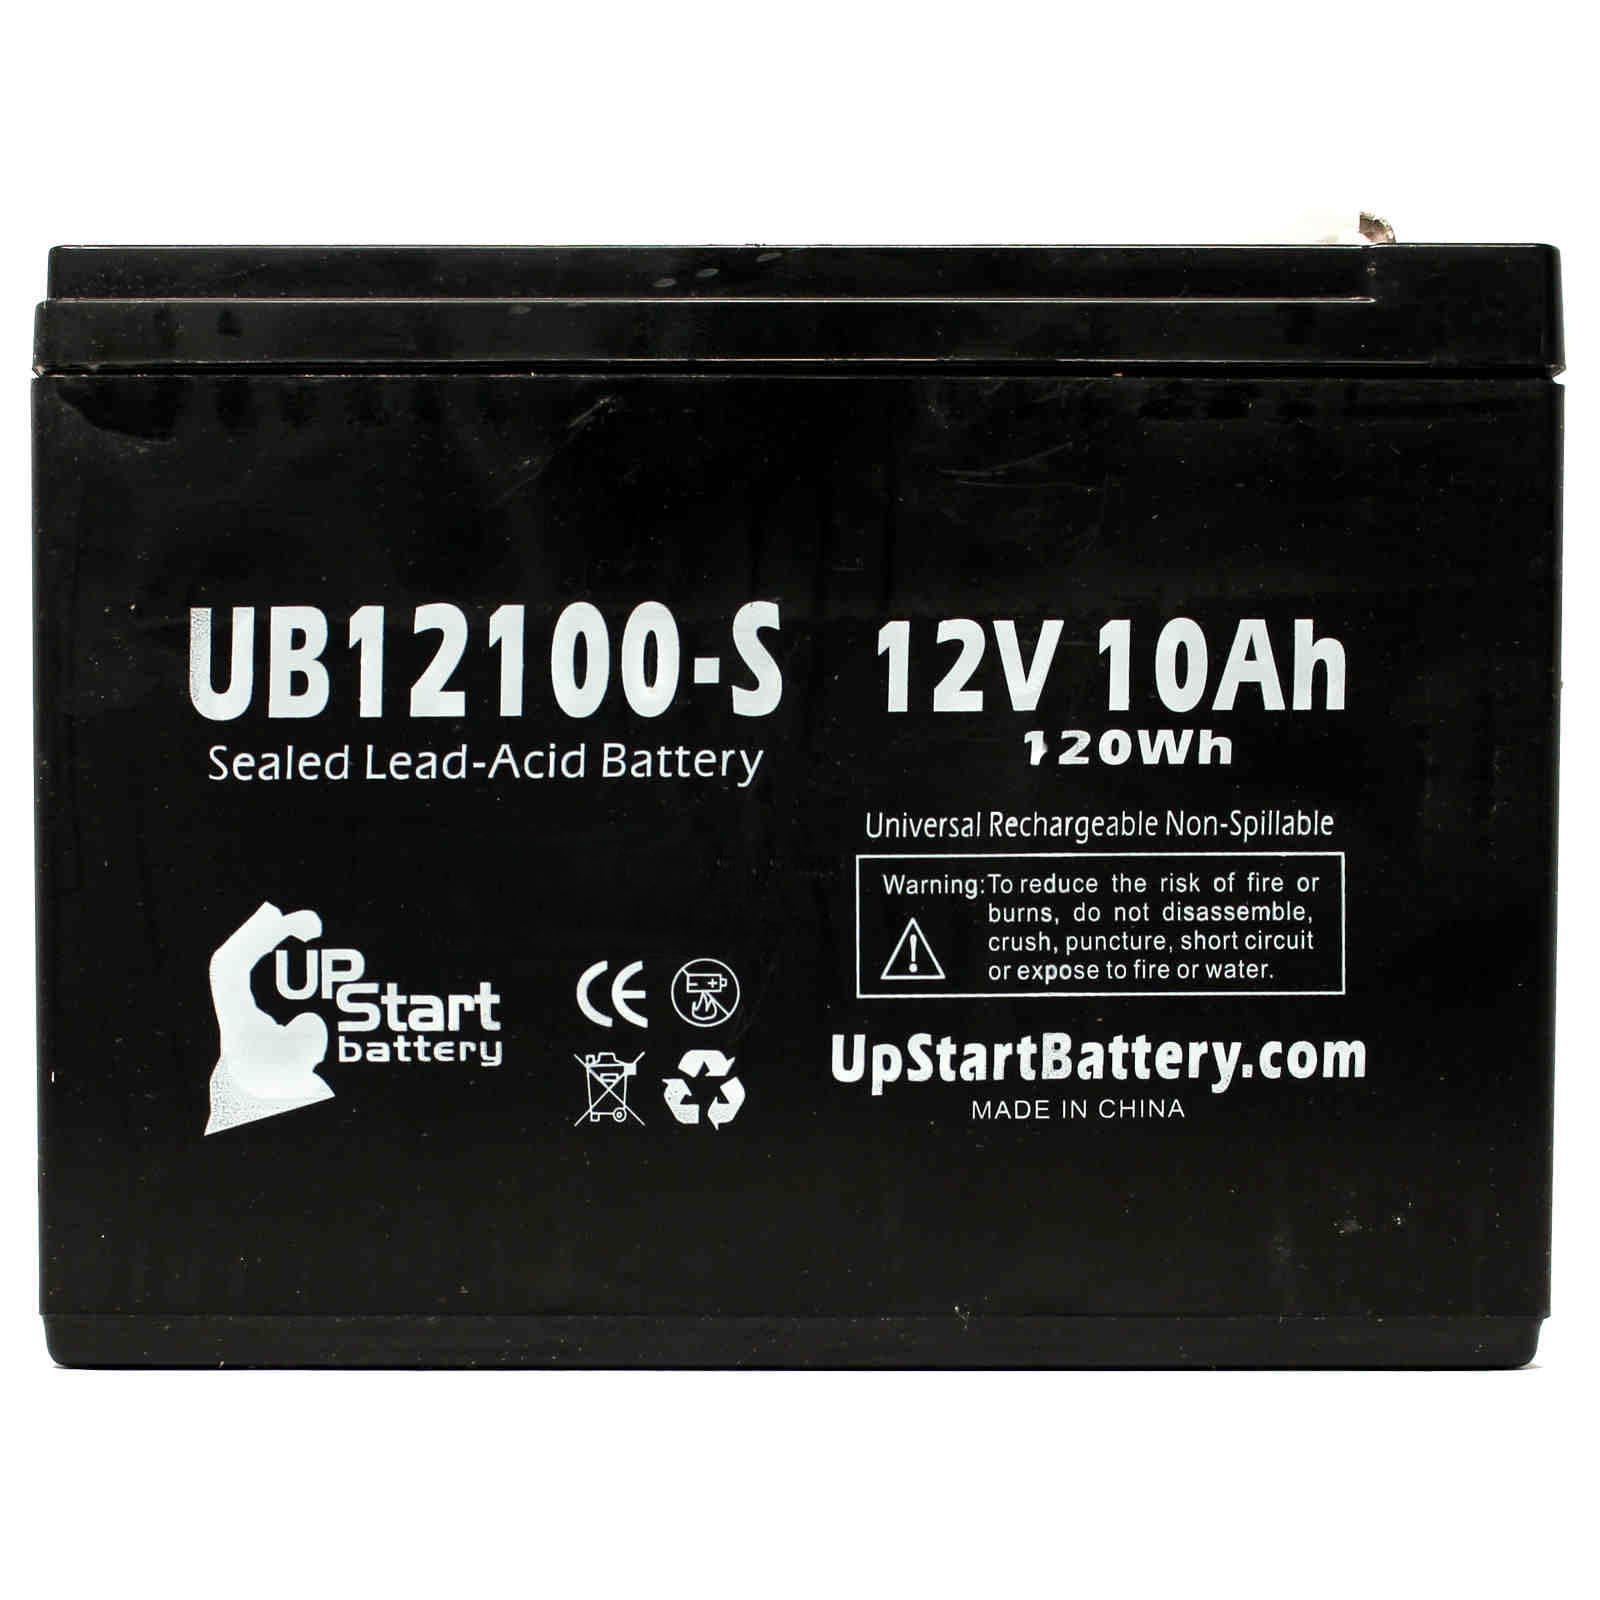 2 Pack Mongoose M350 Battery Ub12100 S 12v 10ah Sealed Lead Acid Sla Wiring Diagram